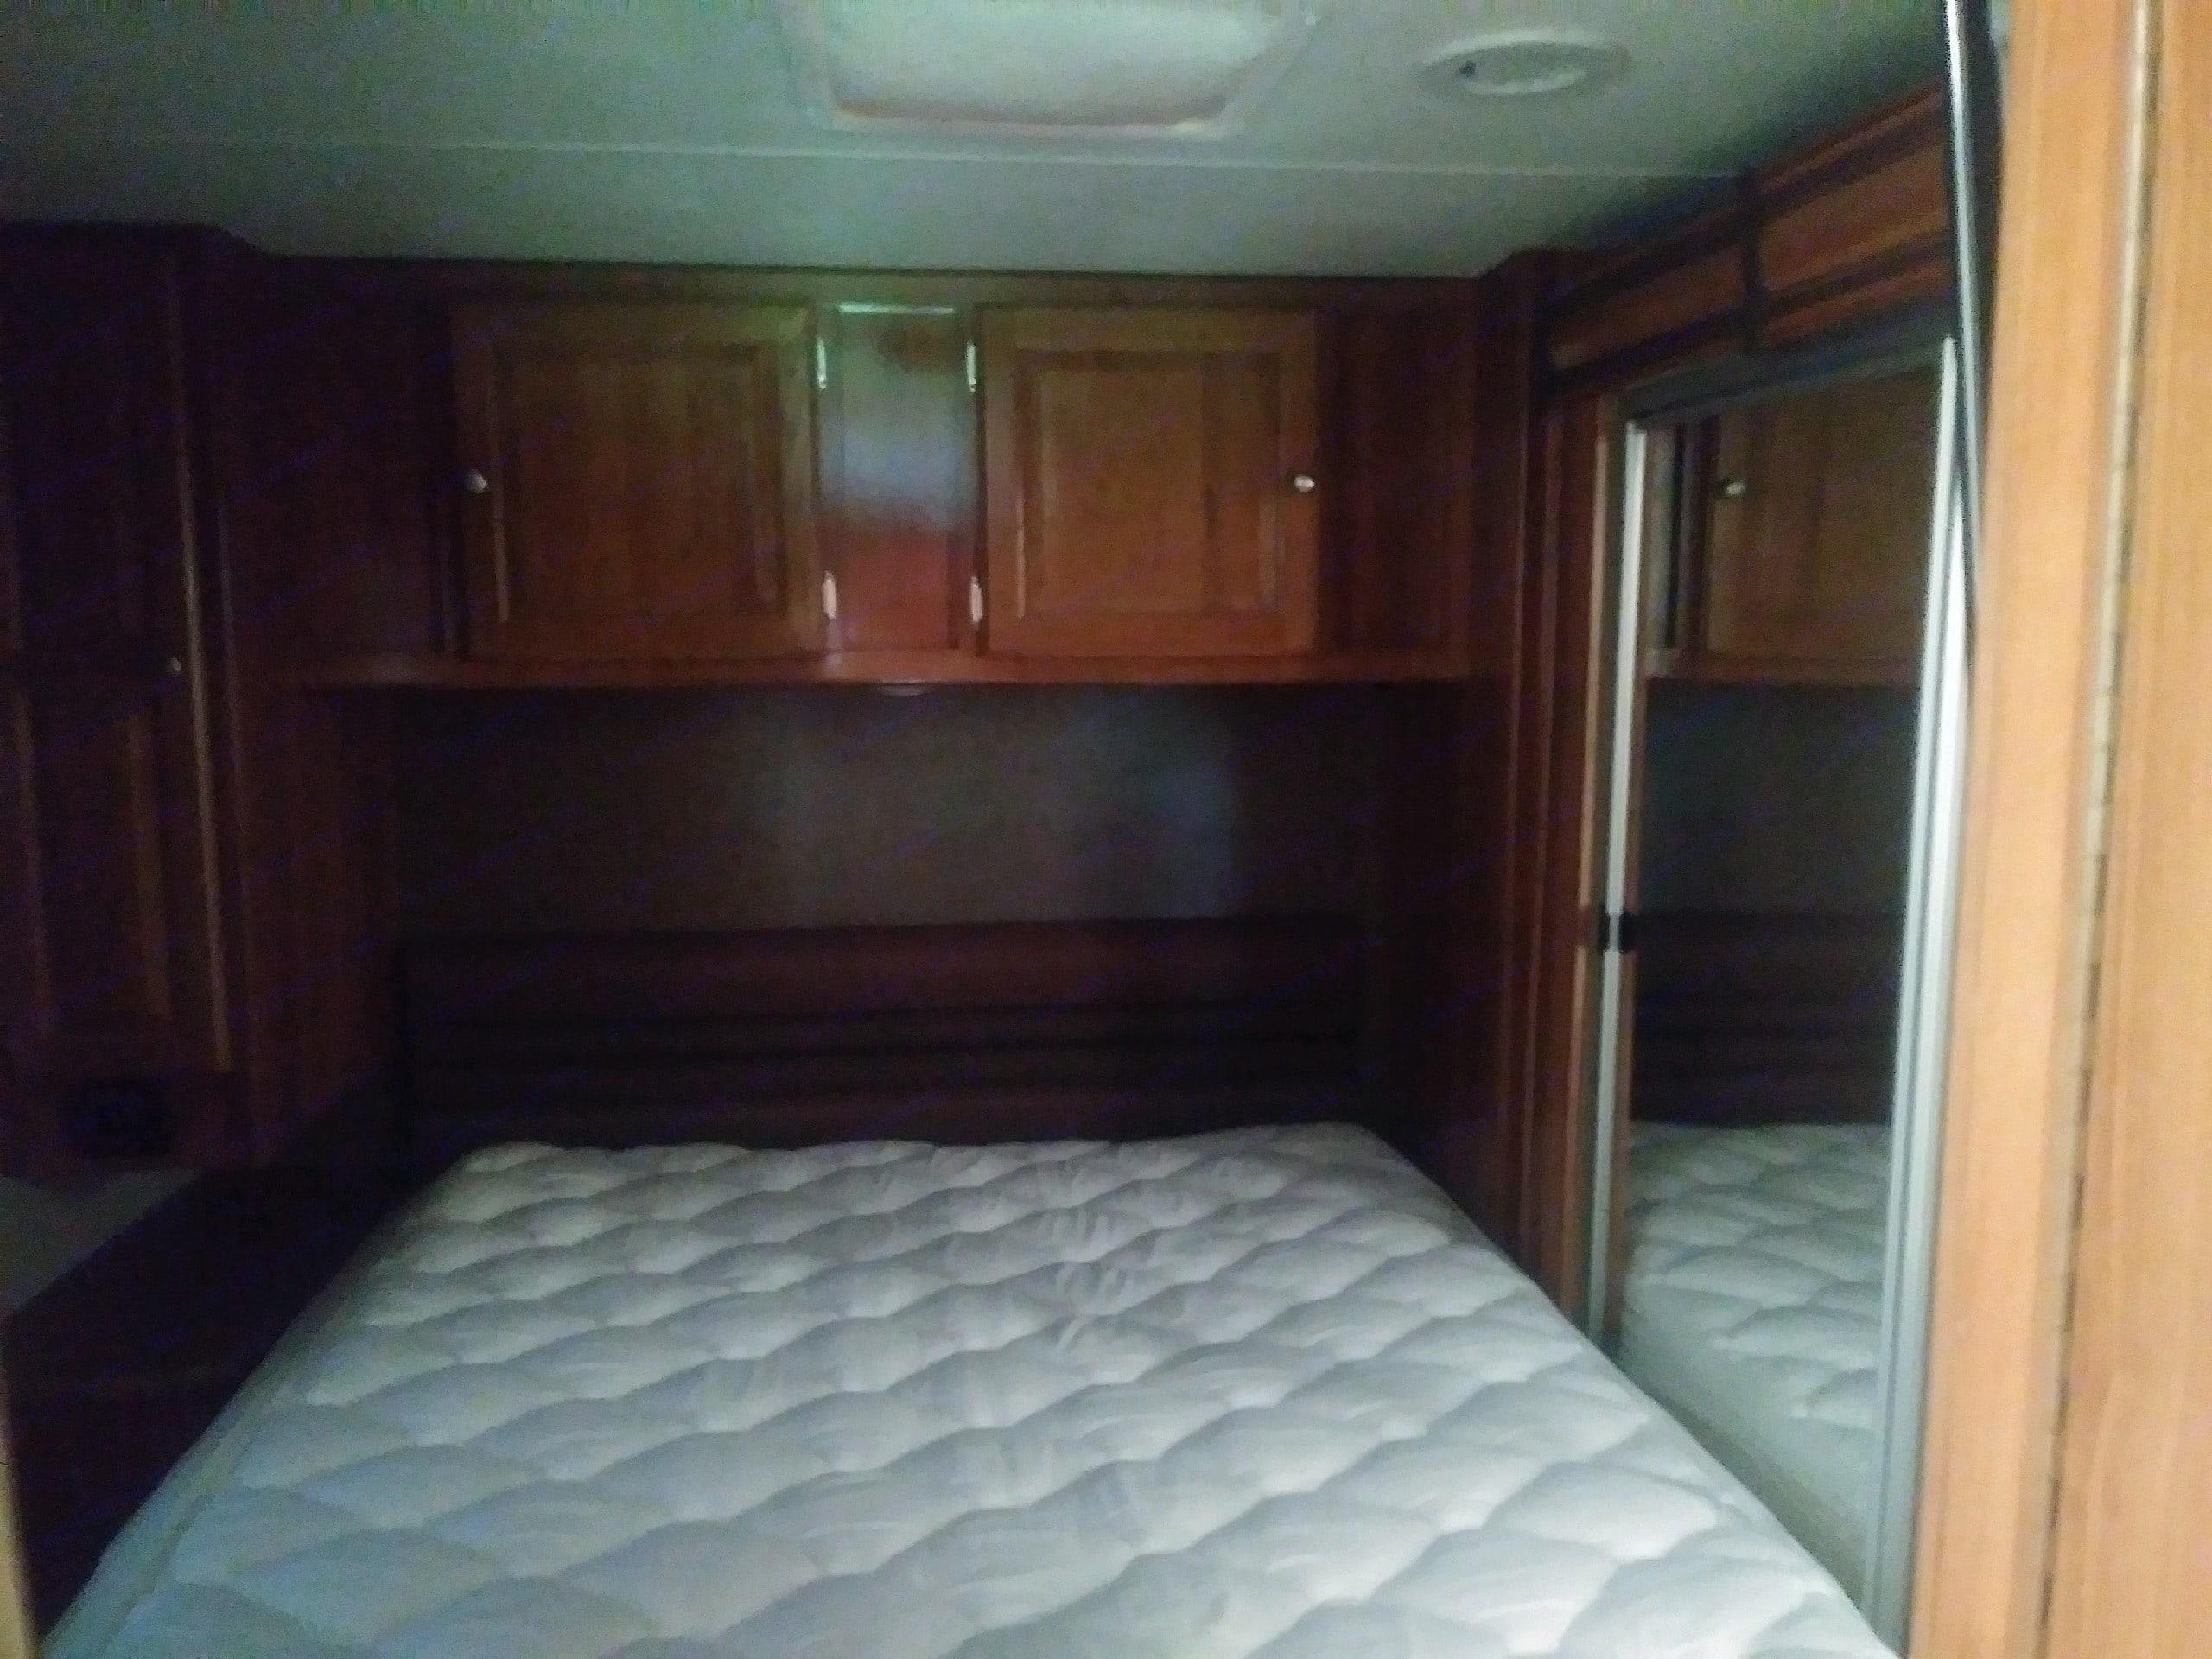 Private Master bedroom with door.  . Coachmen Leprechaun 2018